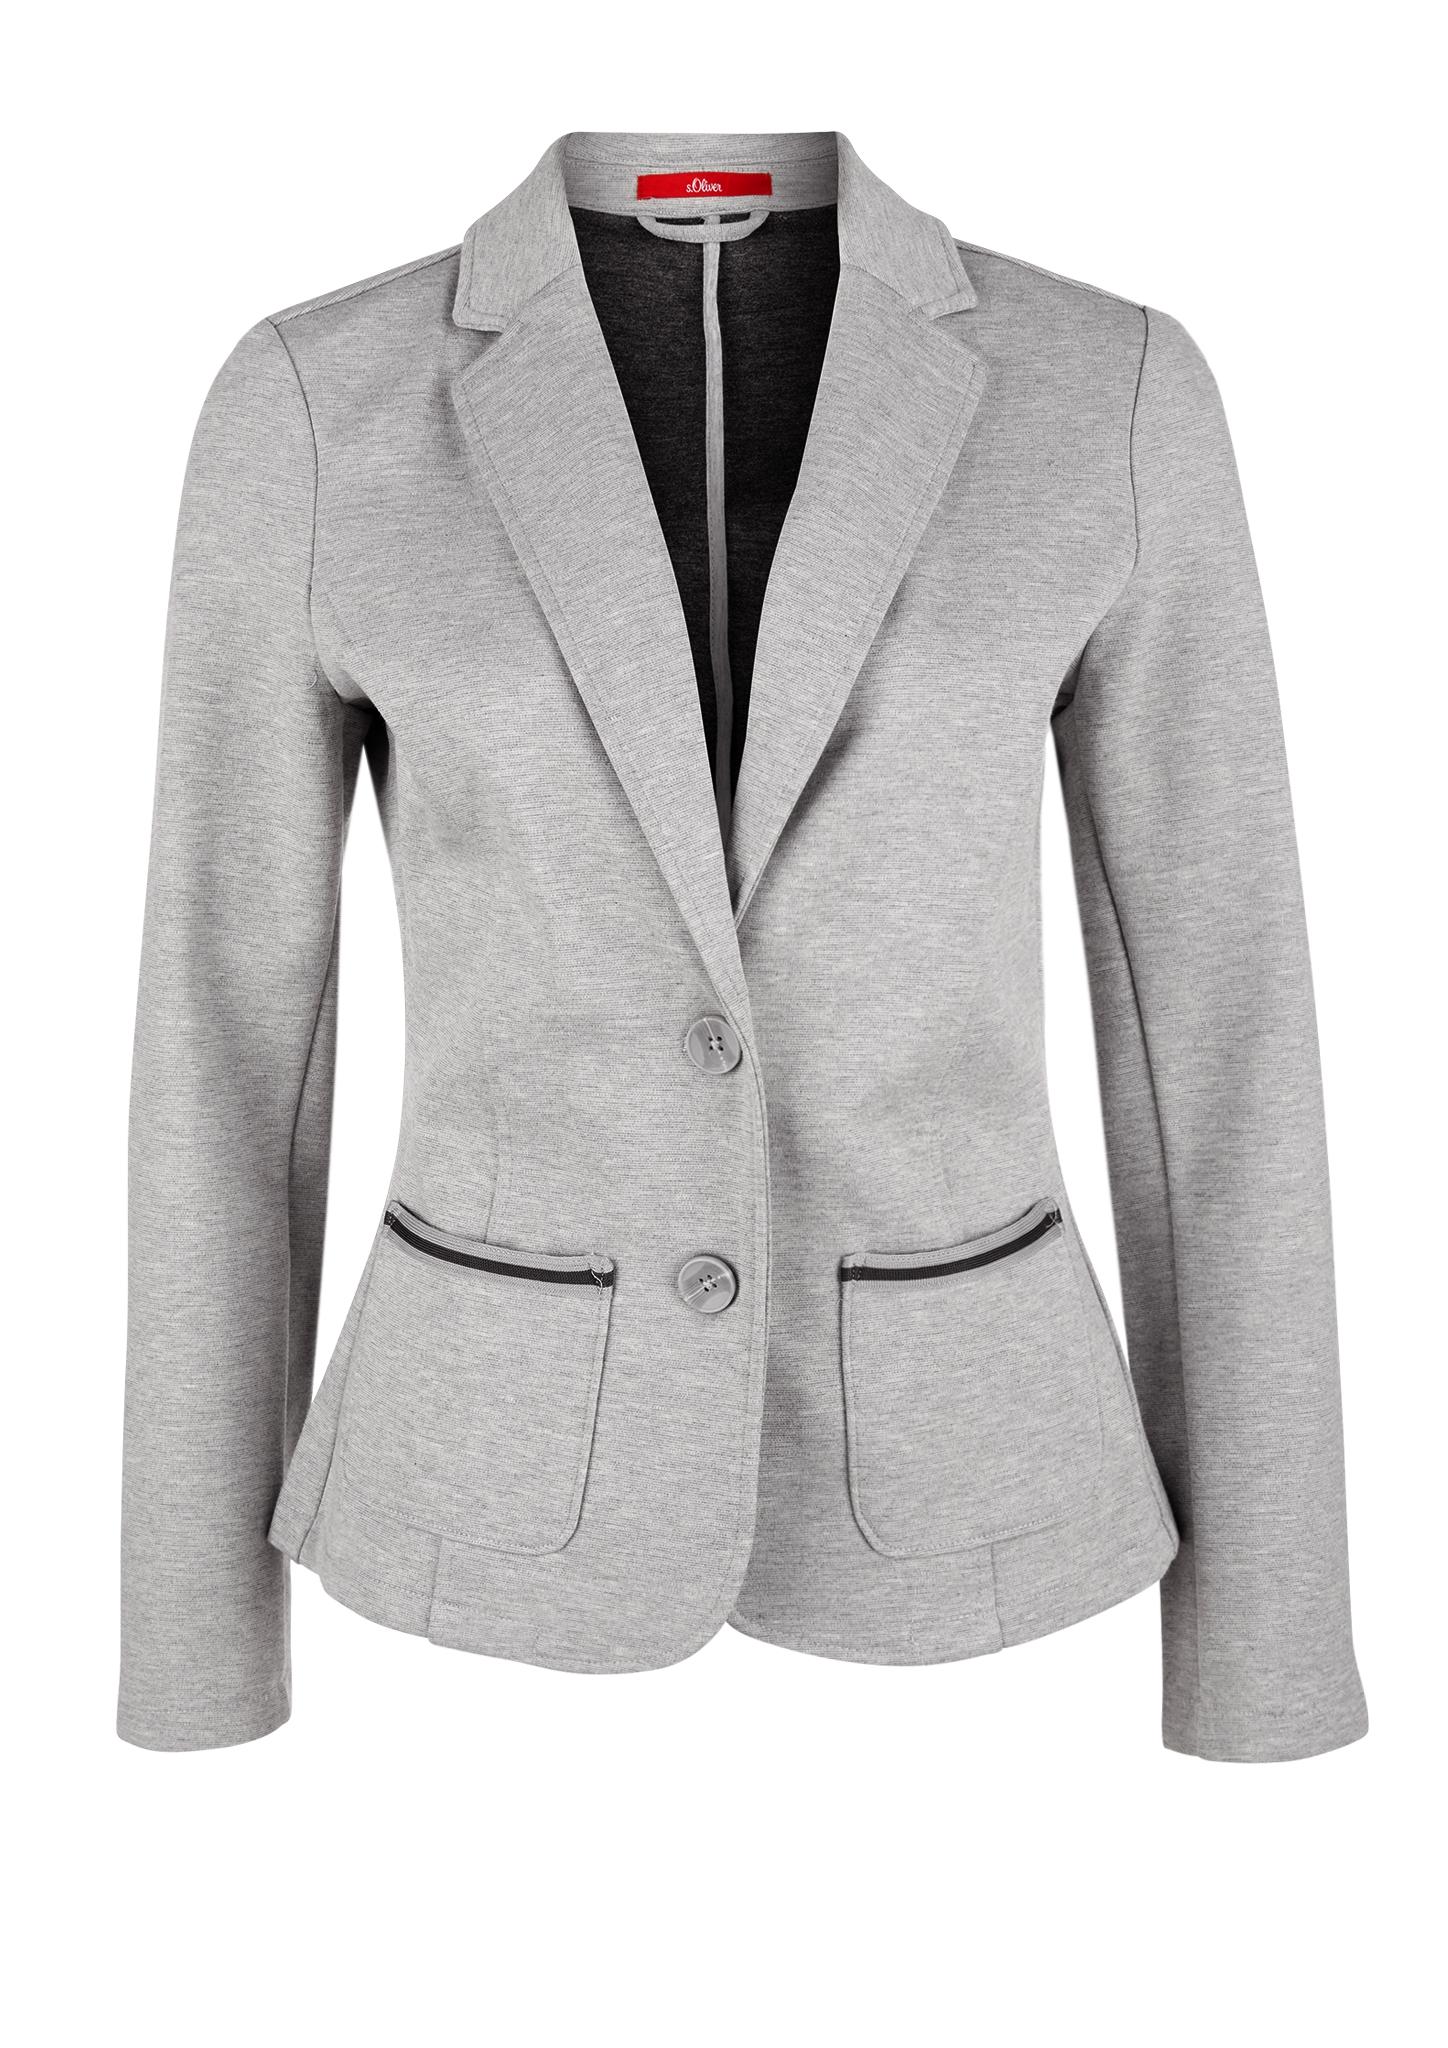 Sweat-Blazer | Bekleidung > Blazer > Sweatblazer | Grau | 44% polyester -  40% viskose -  12% baumwolle -  4% elasthan | s.Oliver